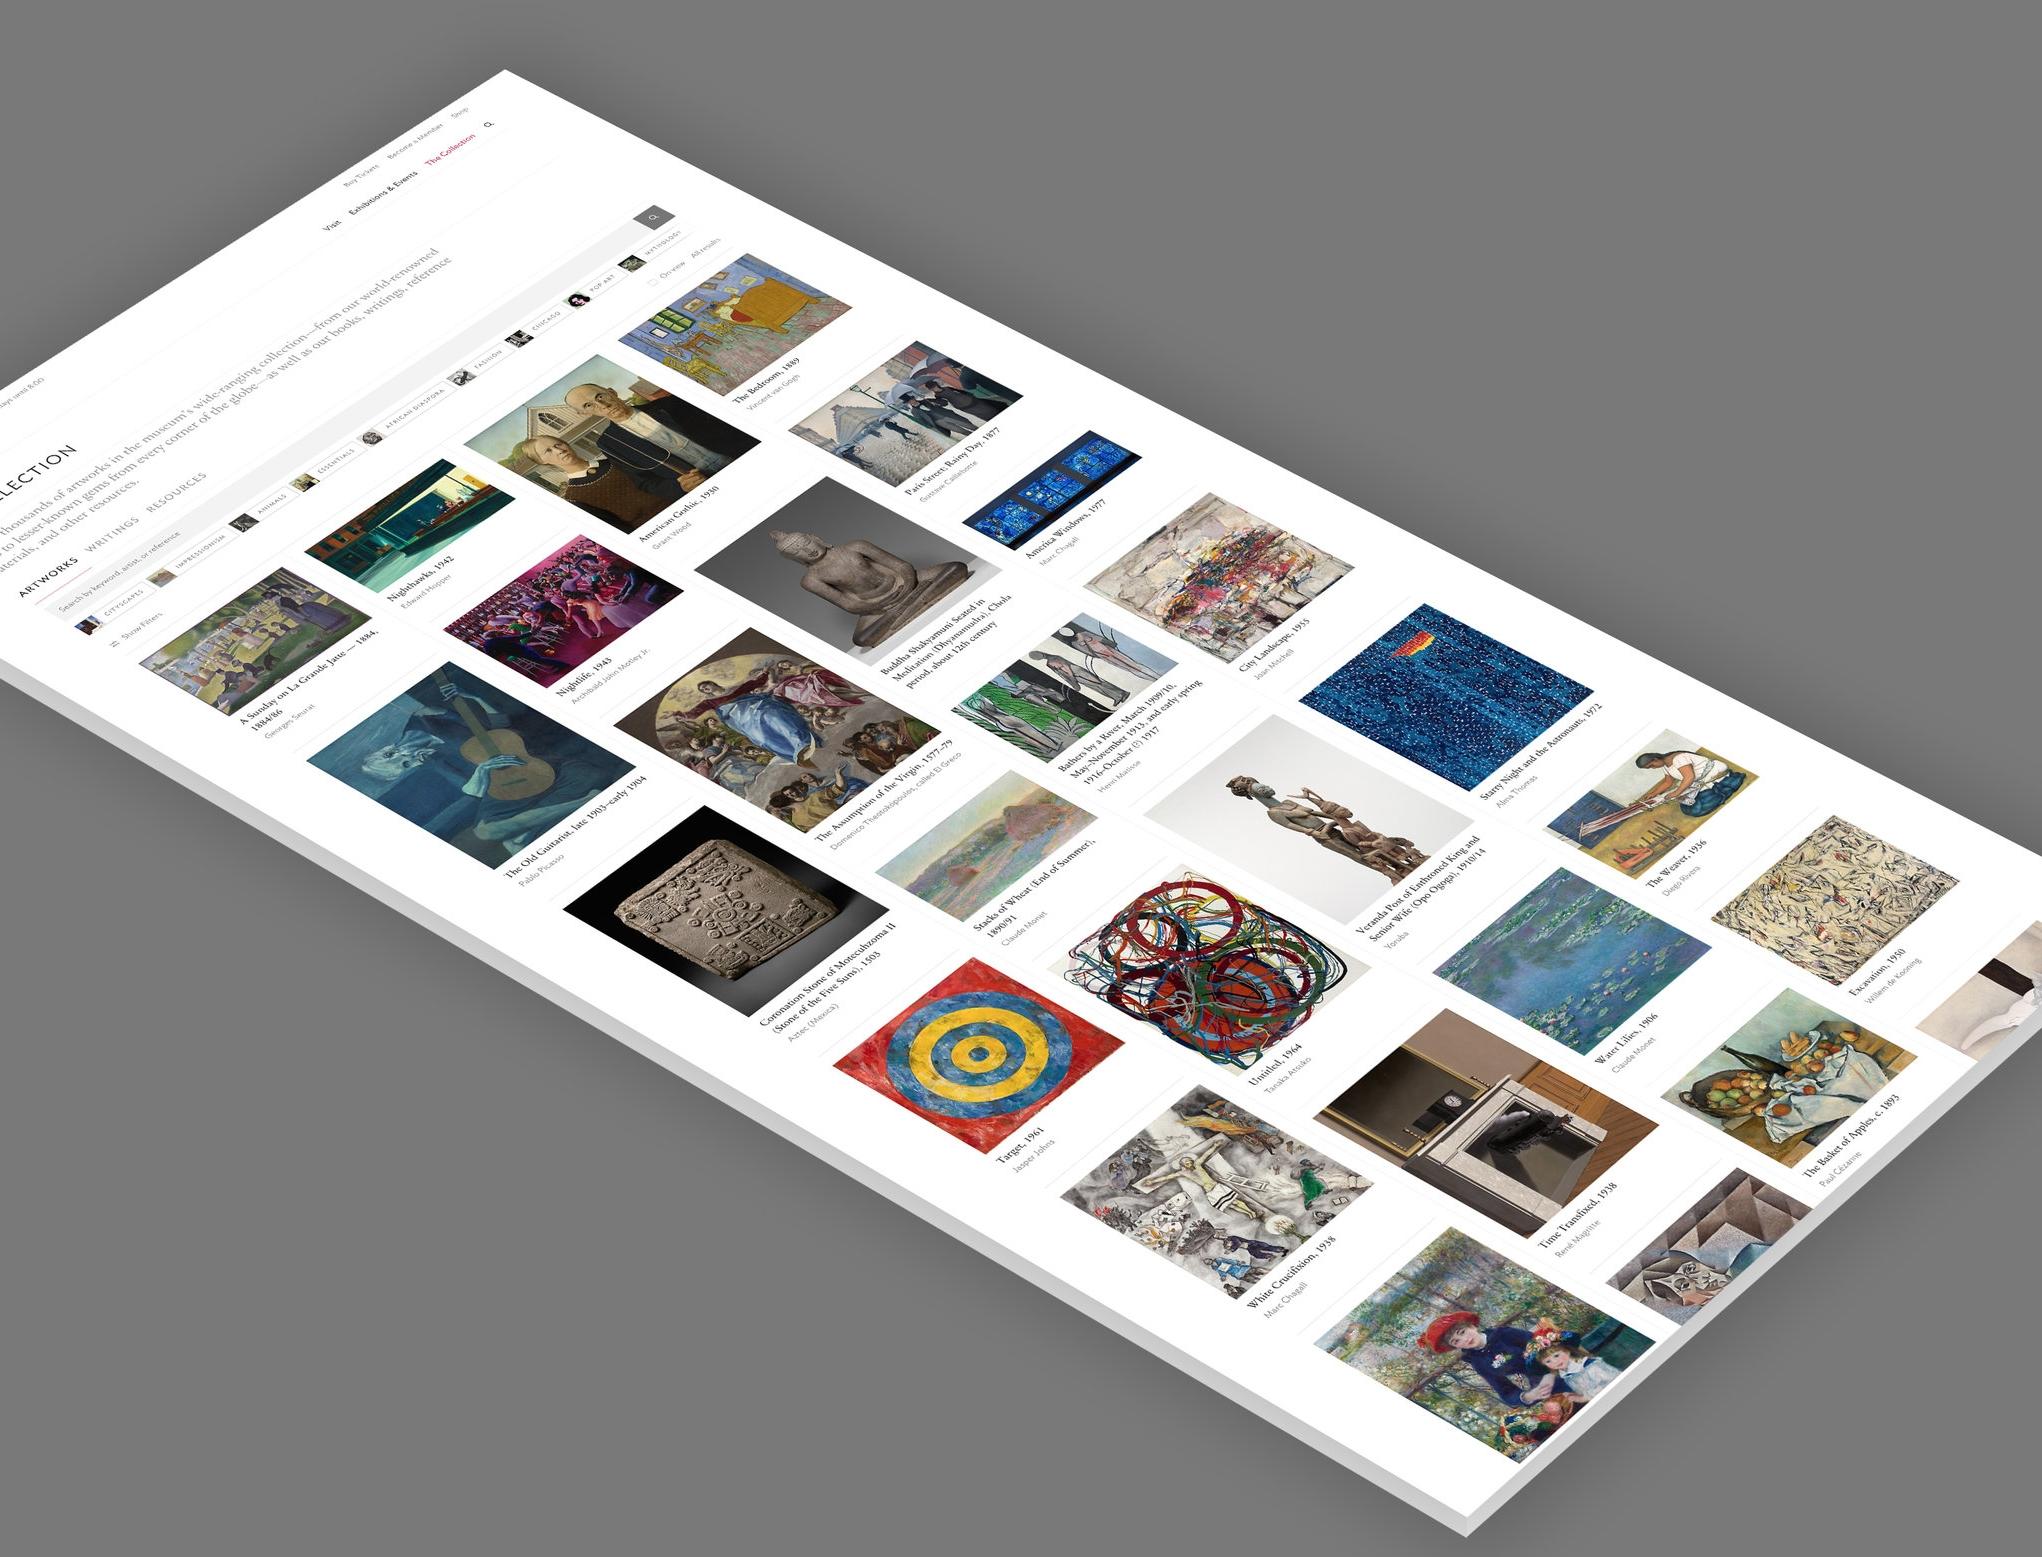 Art Institute of Chicago Website Redesign - The Art Institute of Chicago   2018